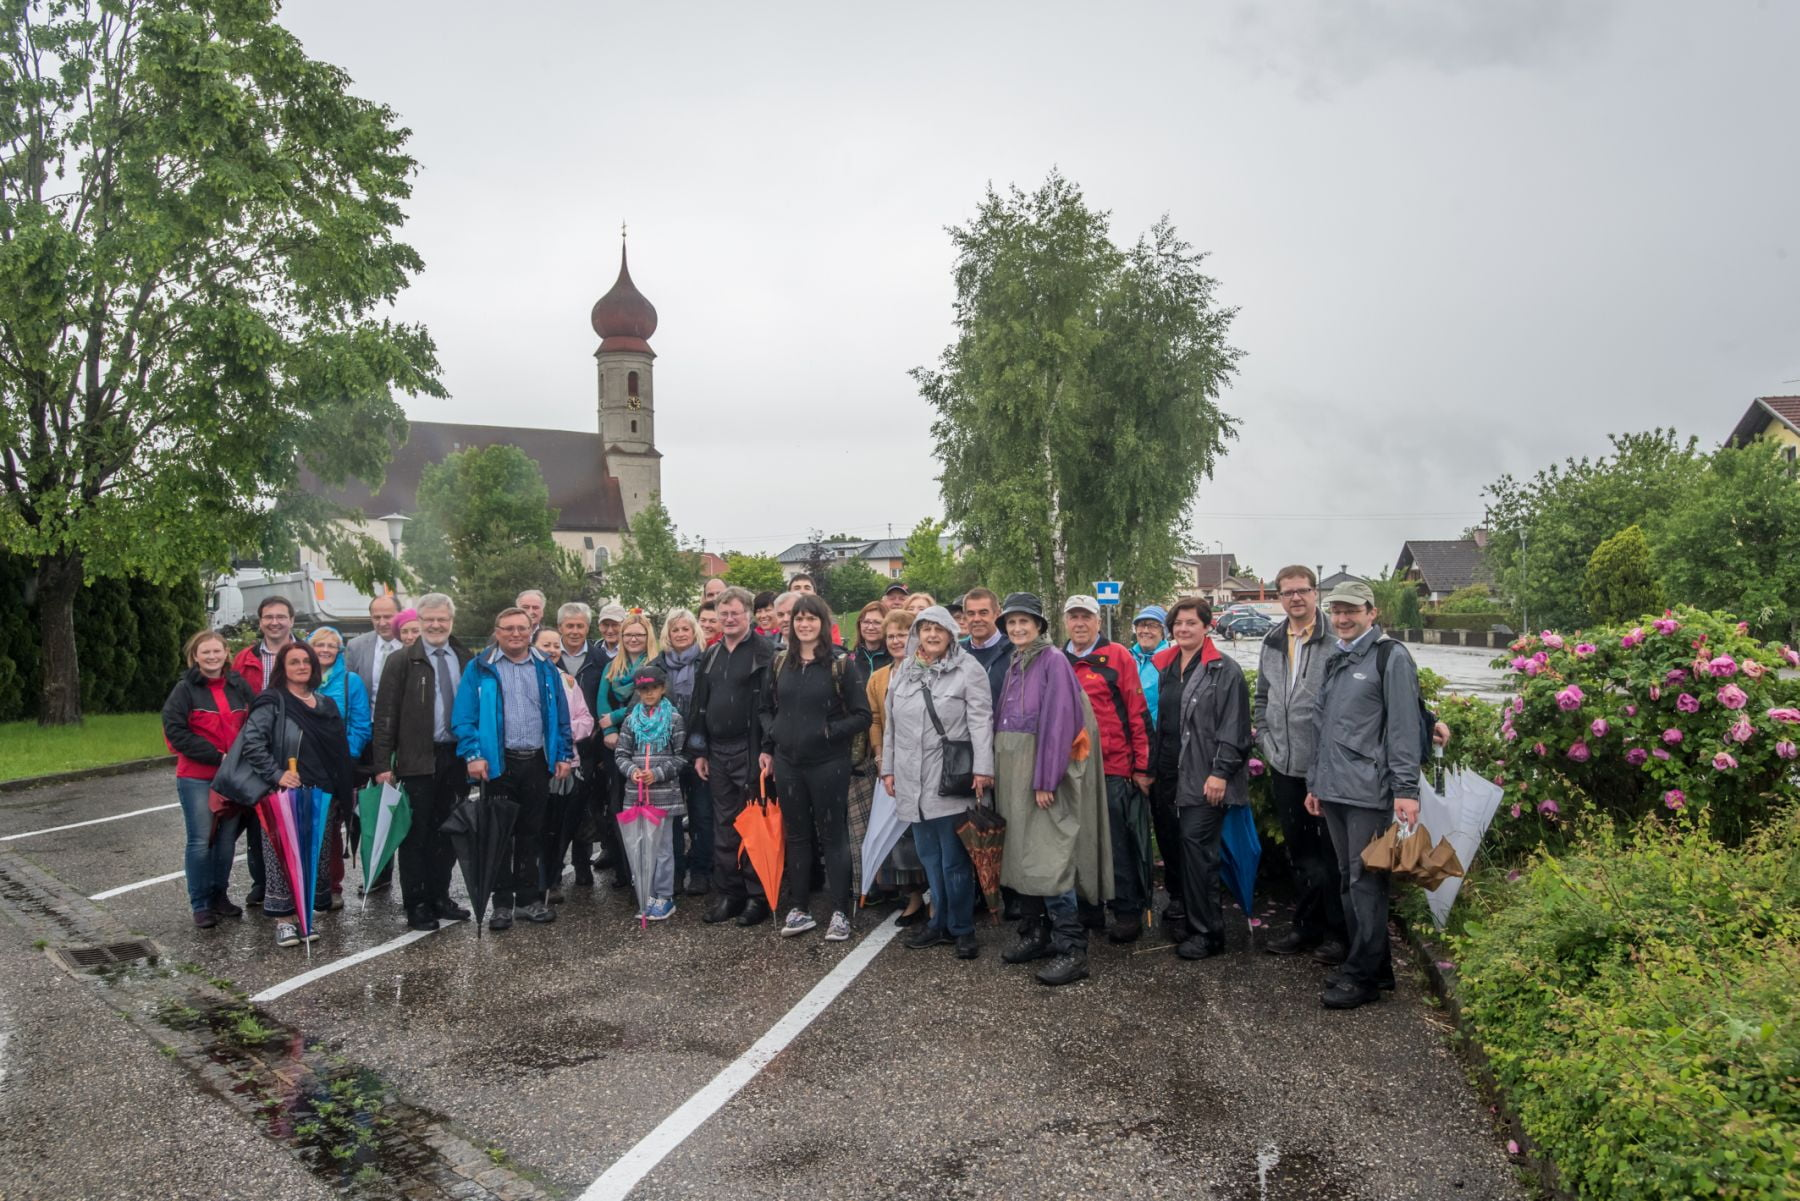 Freunde finden in Burgkirchen a.d. Alz | Neue - Meinestadt